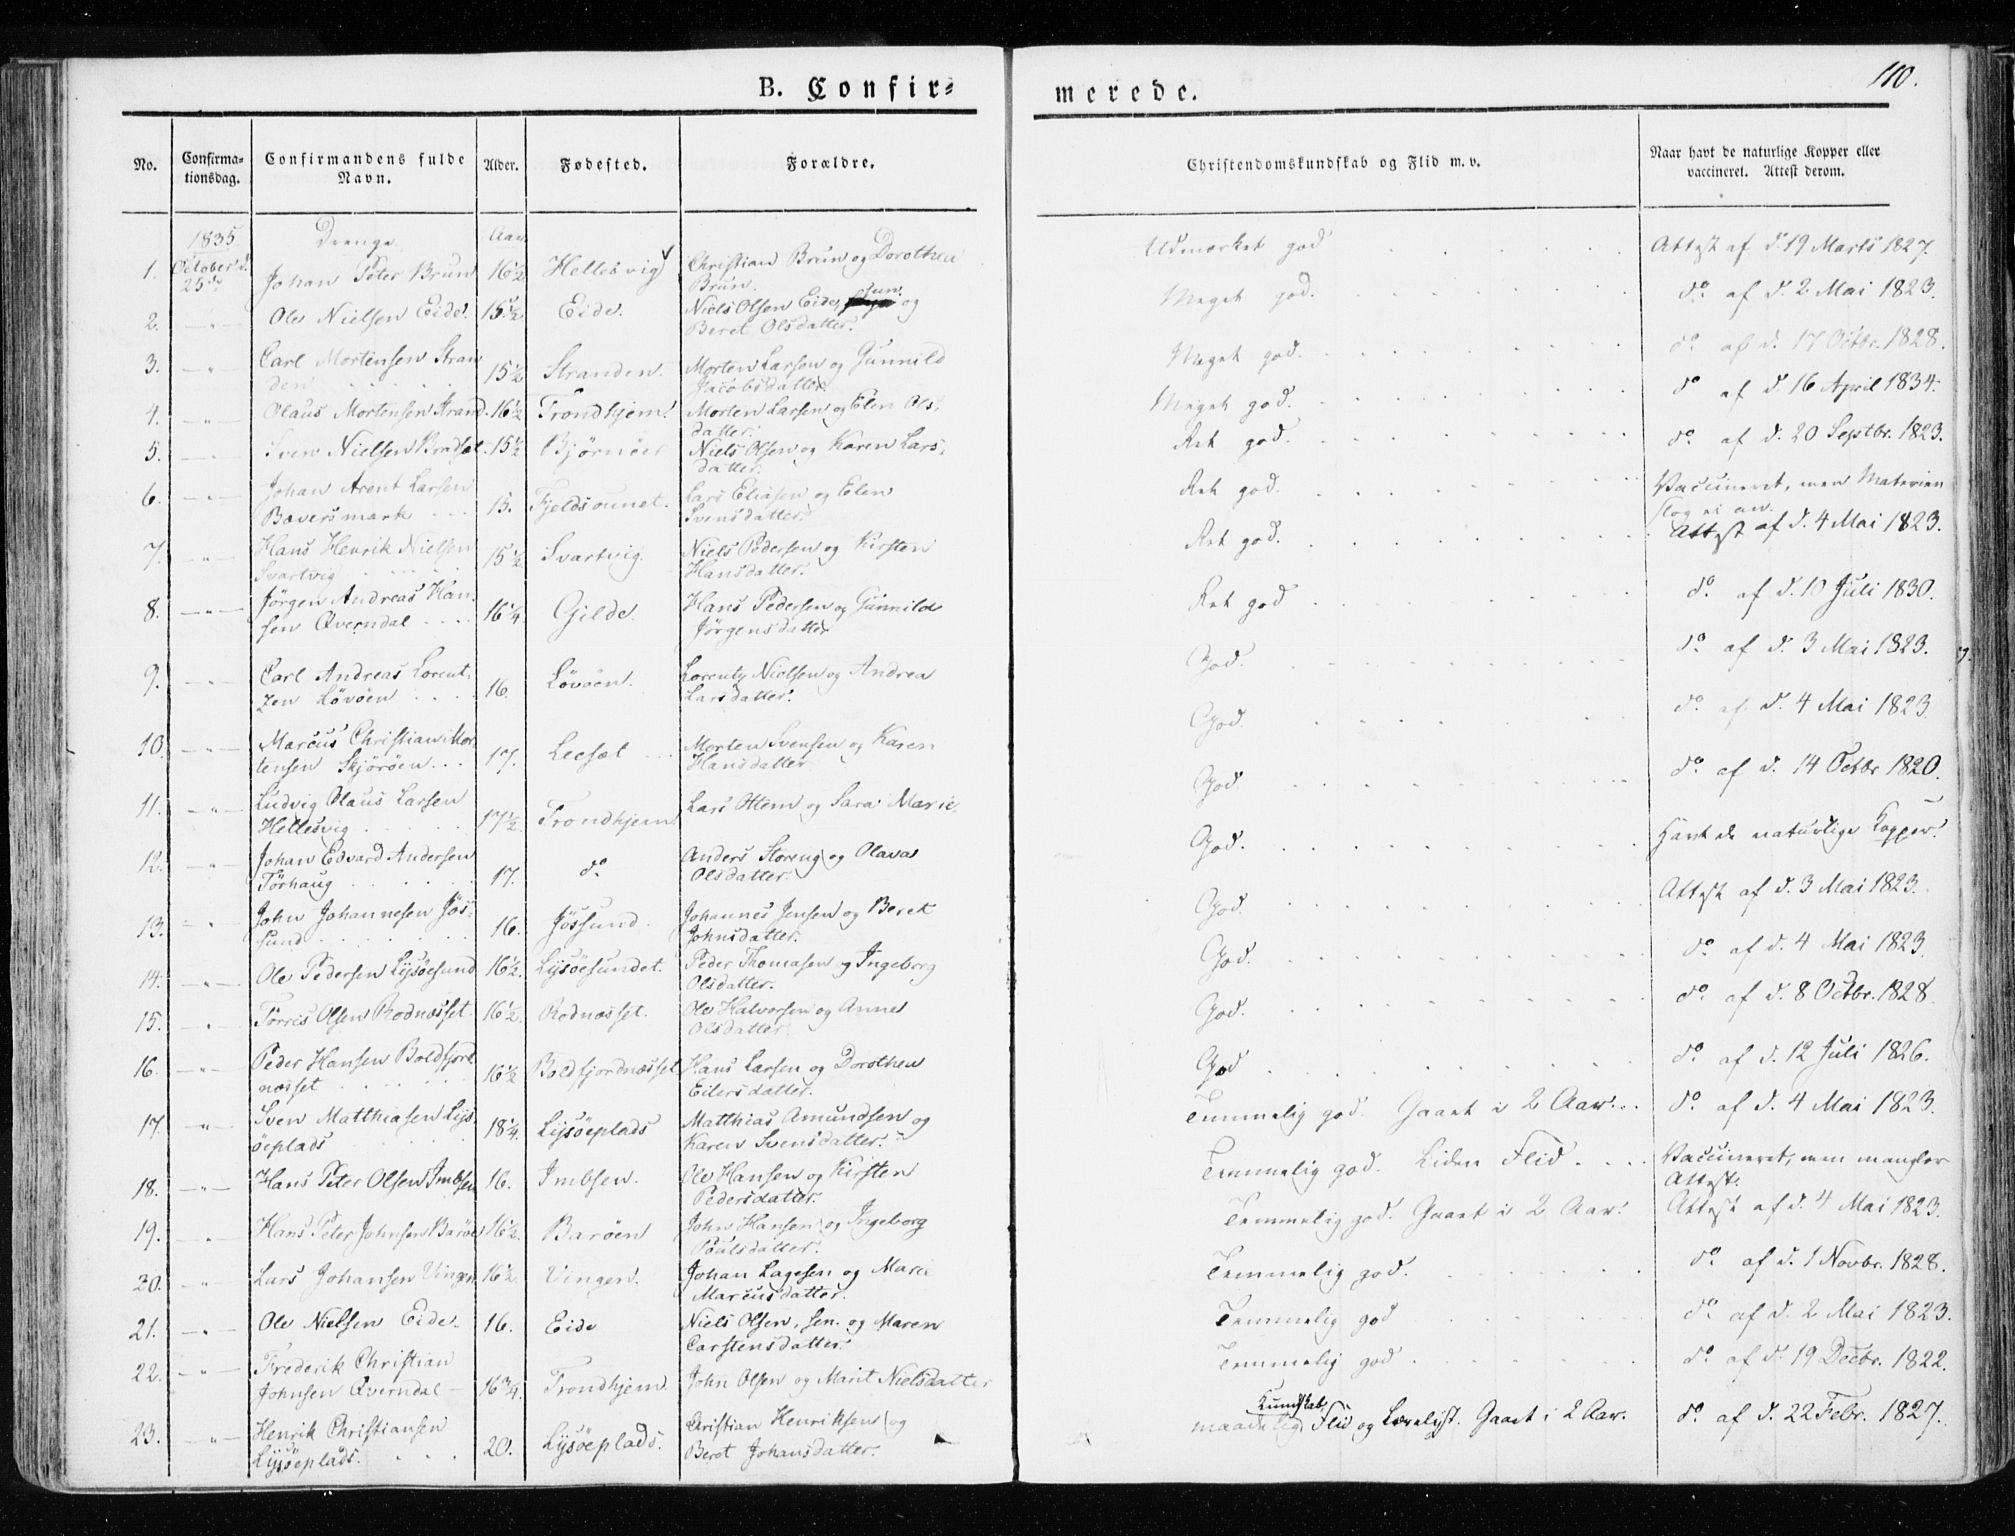 SAT, Ministerialprotokoller, klokkerbøker og fødselsregistre - Sør-Trøndelag, 655/L0676: Ministerialbok nr. 655A05, 1830-1847, s. 110